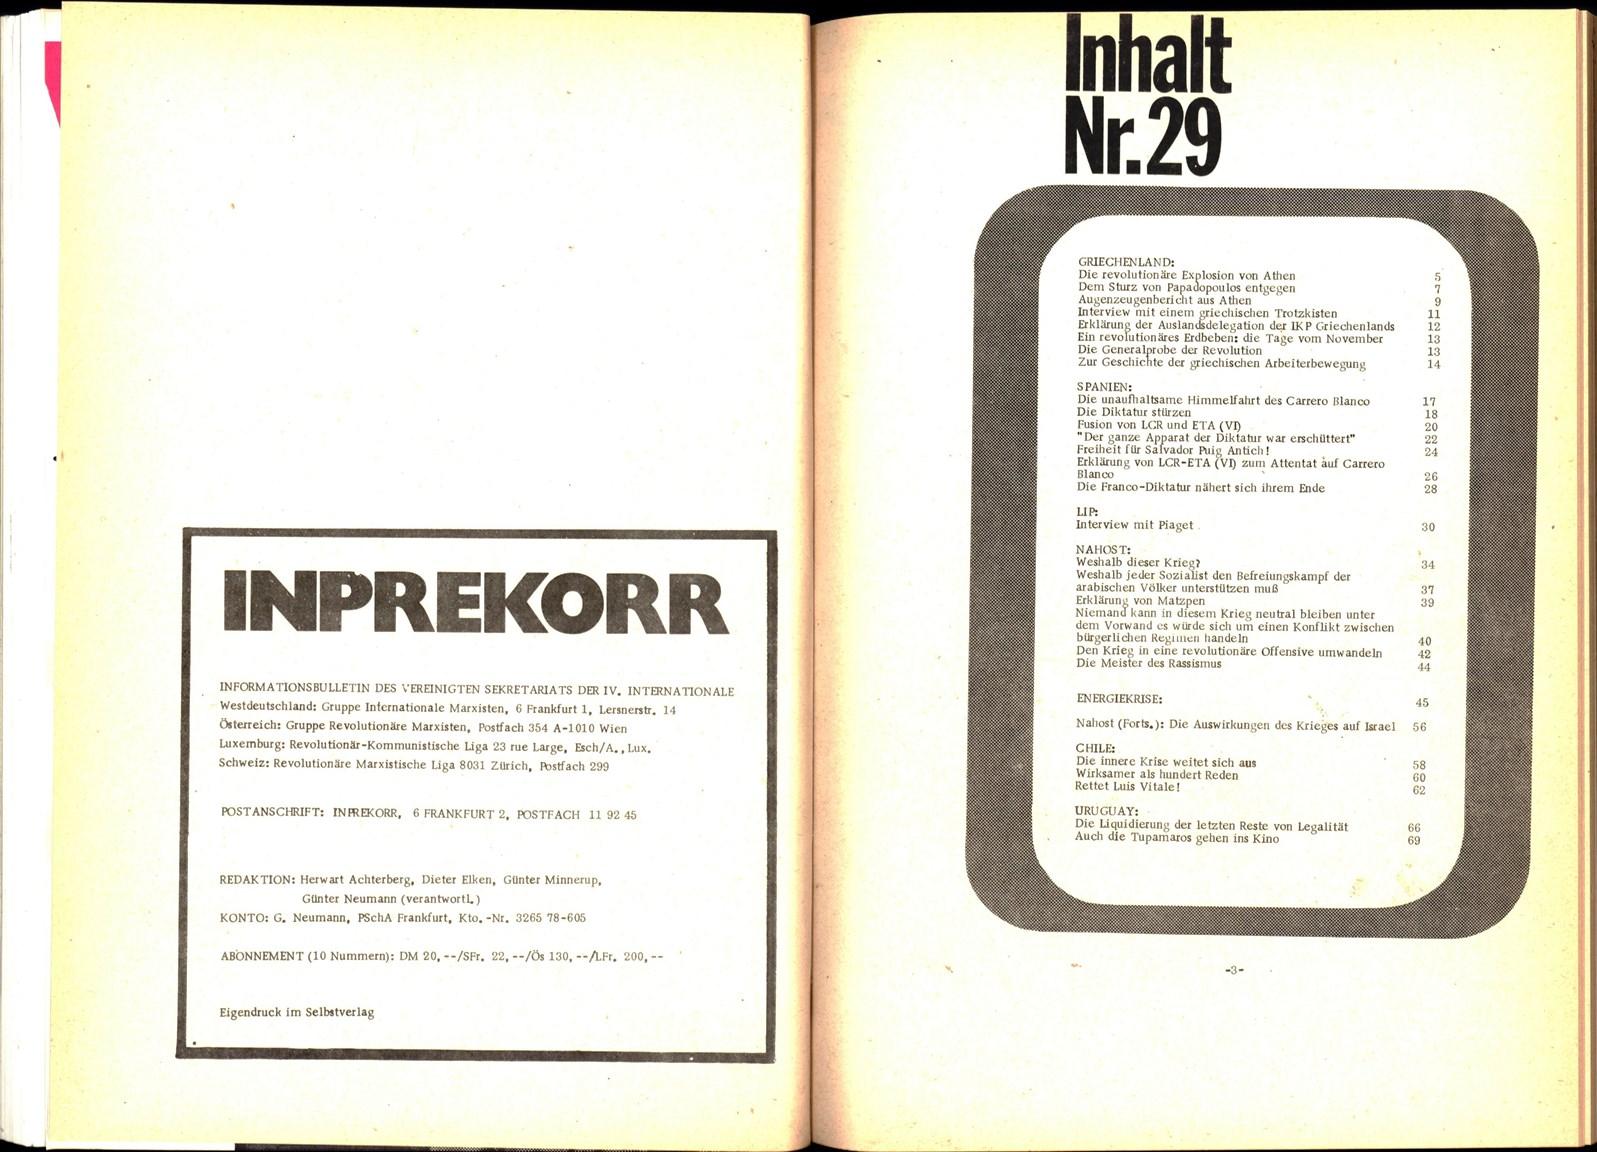 Inprekorr_19740400_029_002